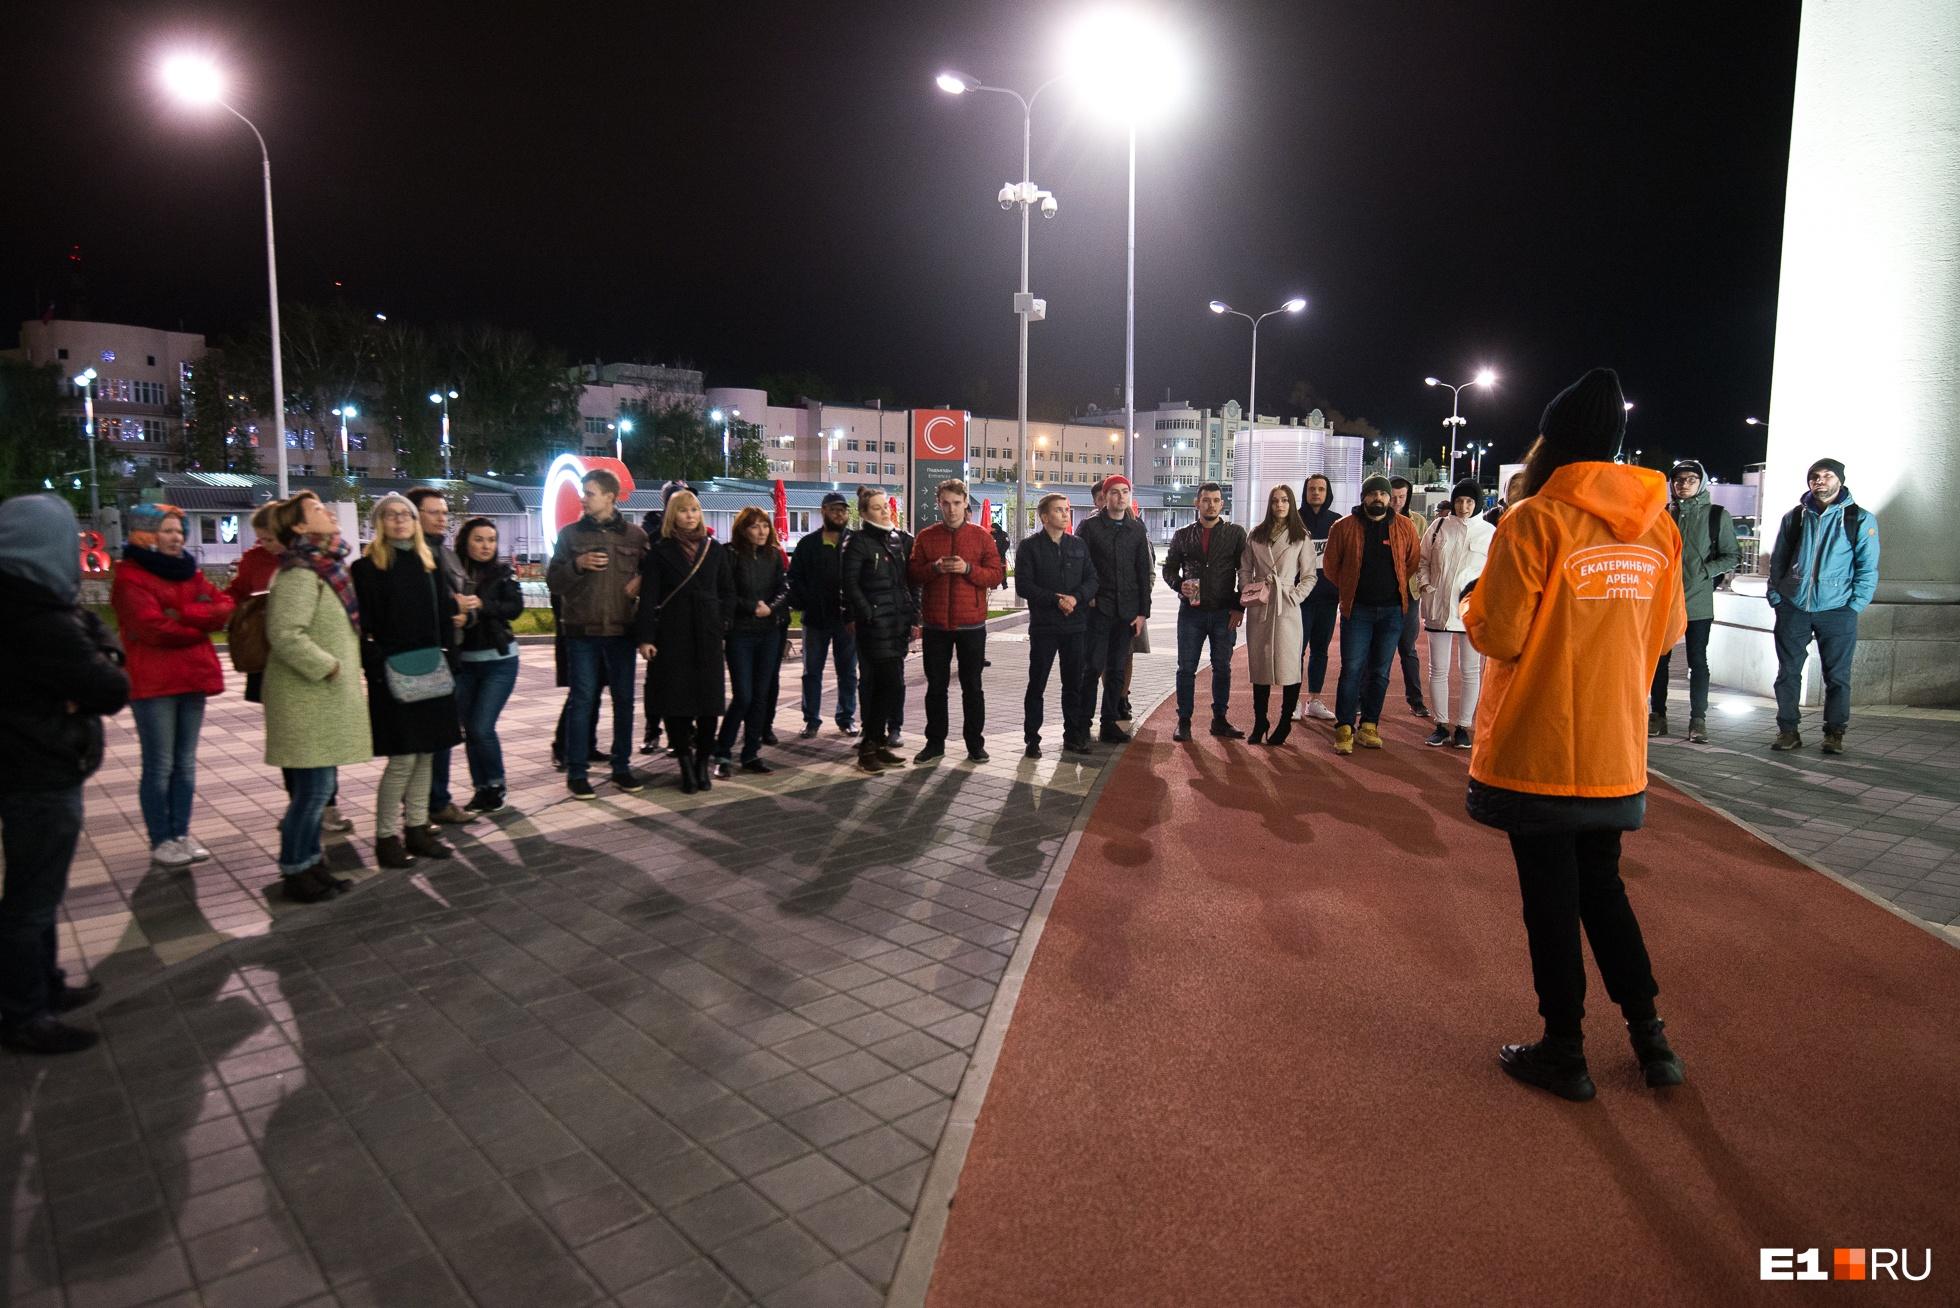 Легкоатлетическая дорожка перед стадионом не используется по назначению. Это, скорее, элемент оформления территории стадиона